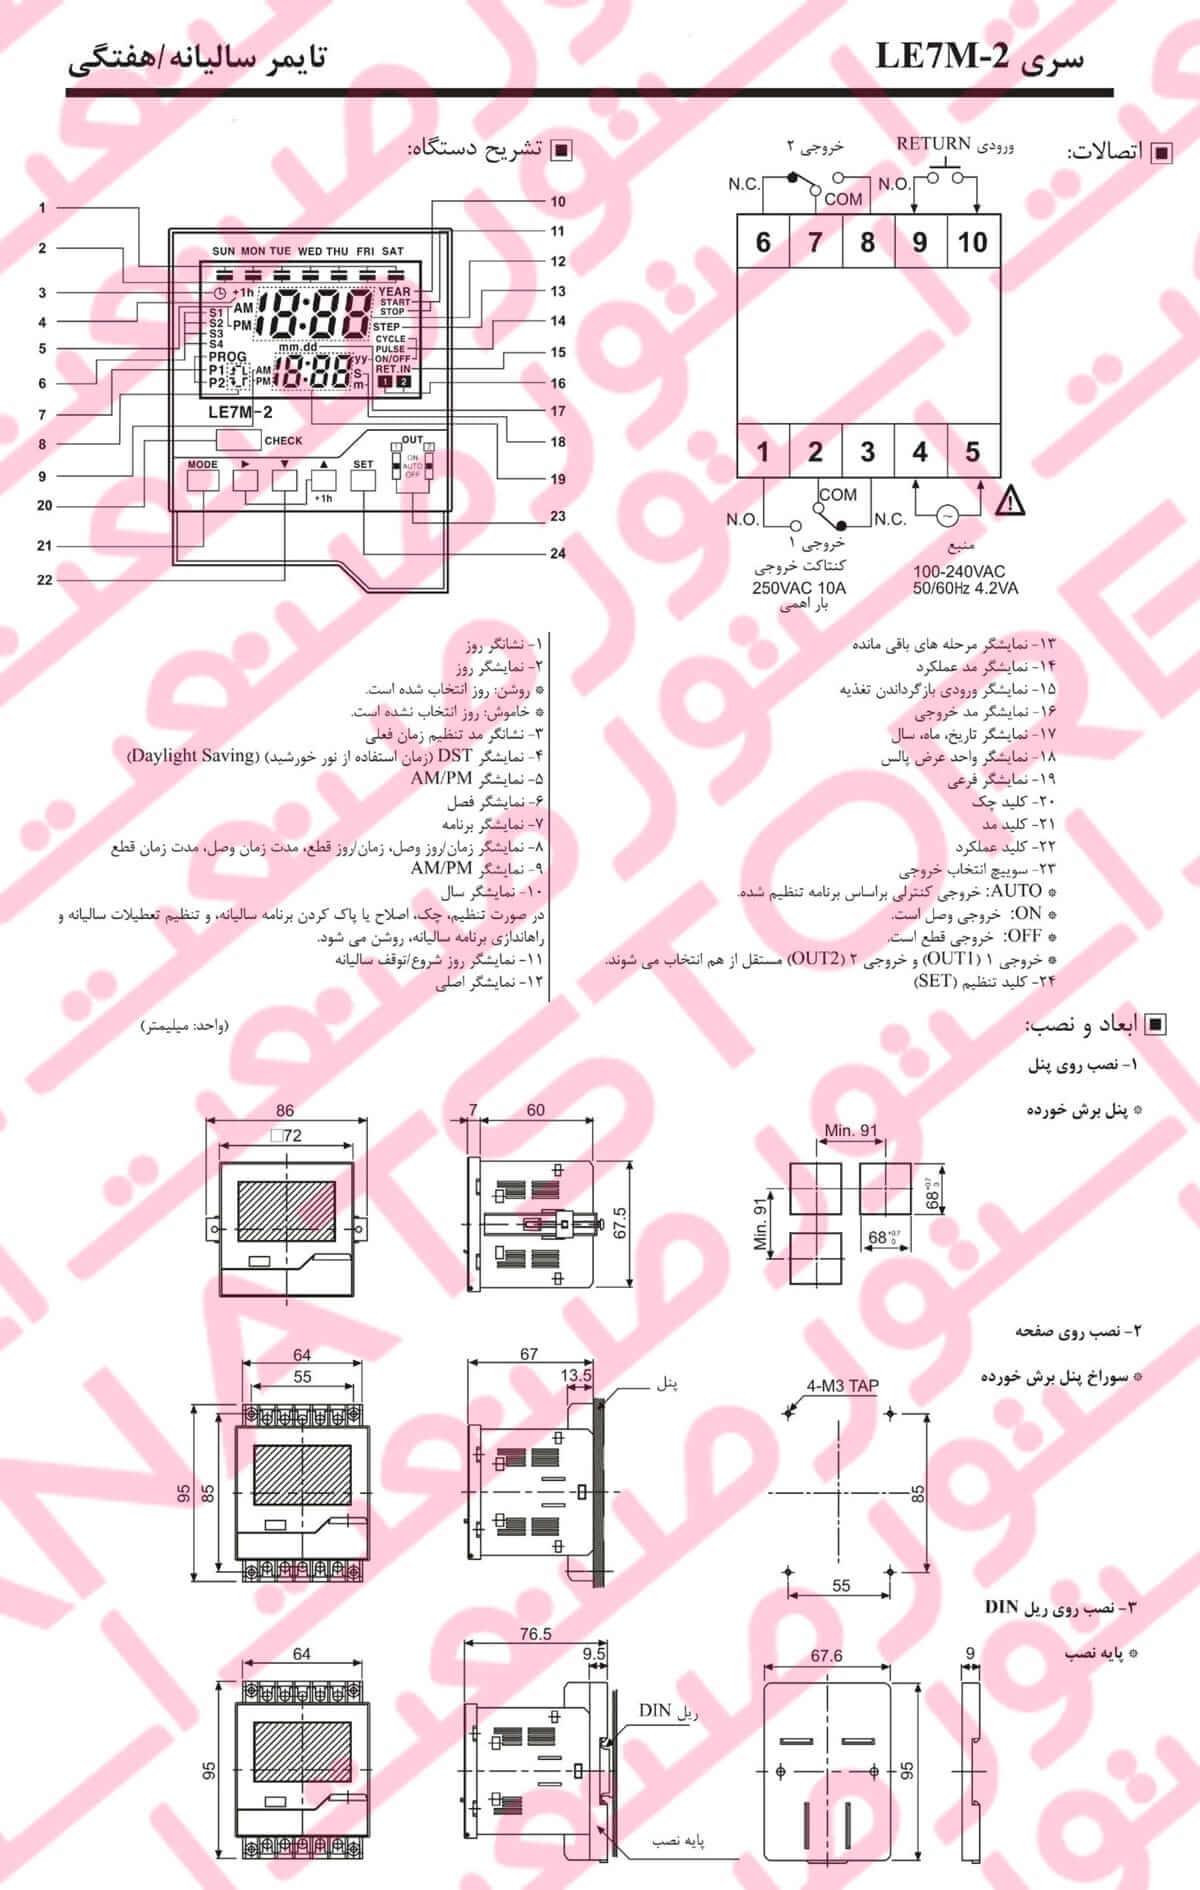 راهنمای نصب تایمرهای دیجیتال آتونیکس Autonics سری LE7M-2